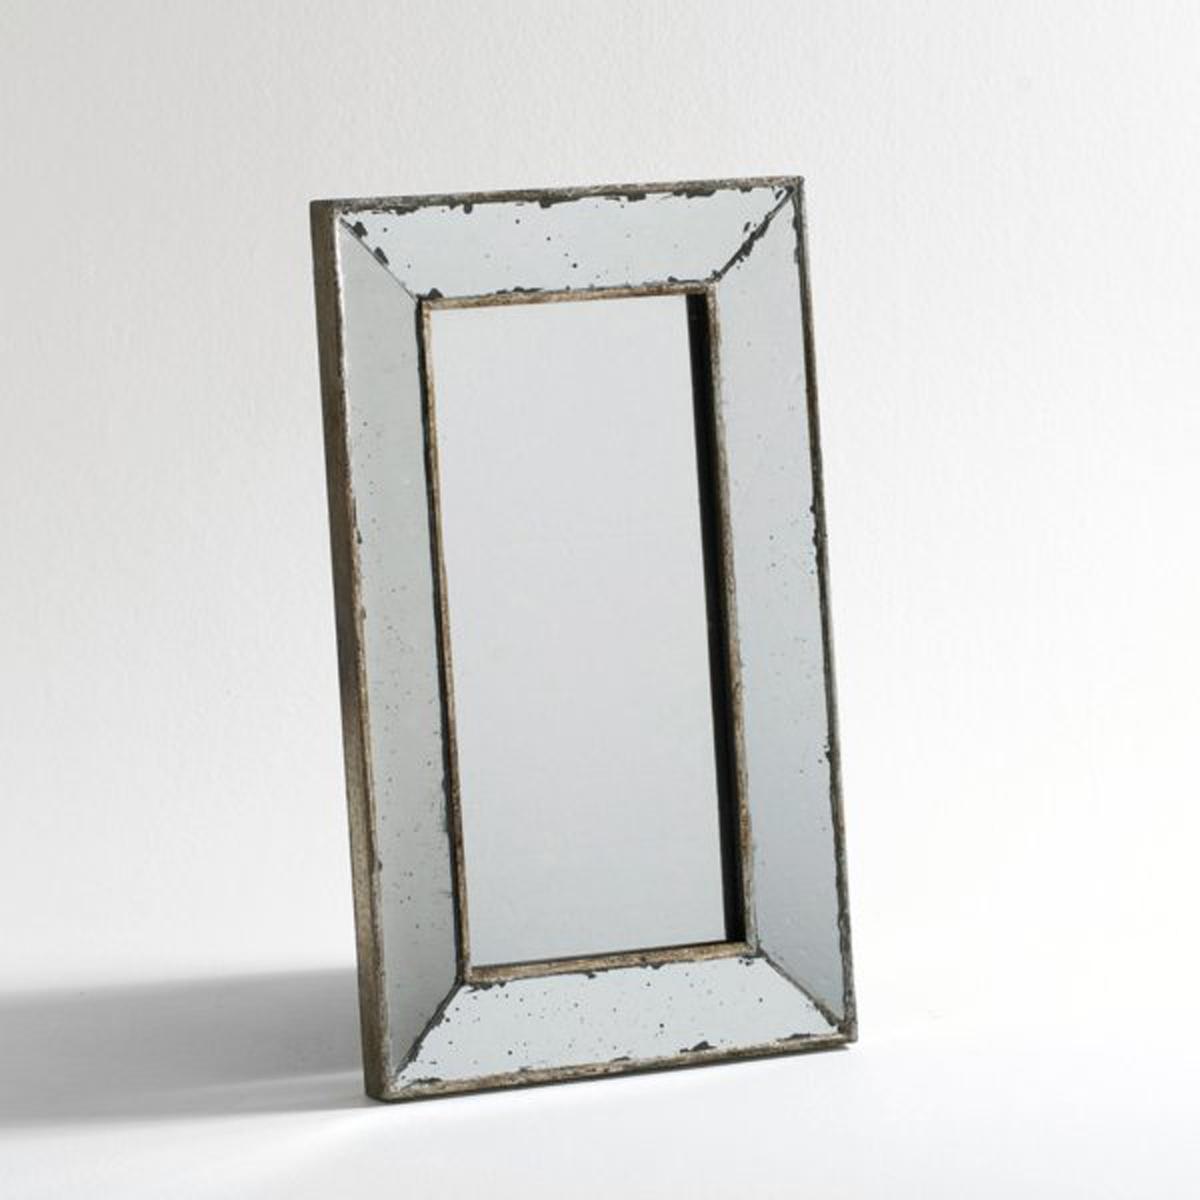 Зеркало в ретро-стиле, средняя модель Д31 x В51 см, EdwinЗеркало среднего размера модельEdwin. Словно покрытое патиной былых времен, это зеркало с симпатичной отделкой под старину представлено в 3 размерах, вы можете сочетать их для большей оригинальности. Найдите другие размеры на нашем сайте. Размеры  :Д.31 x В.51 x Г.3 см..<br><br>Цвет: серый серебристый